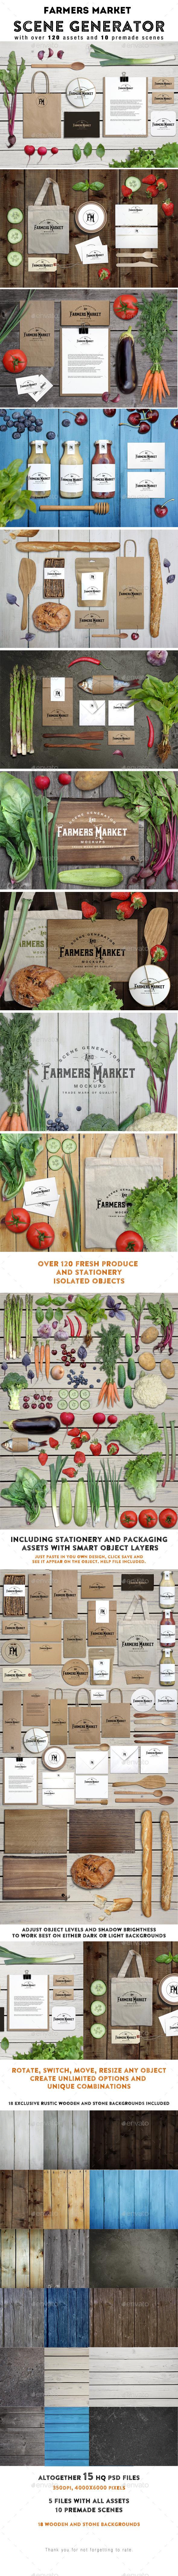 GraphicRiver Farmers Market Scene Generator 11831400